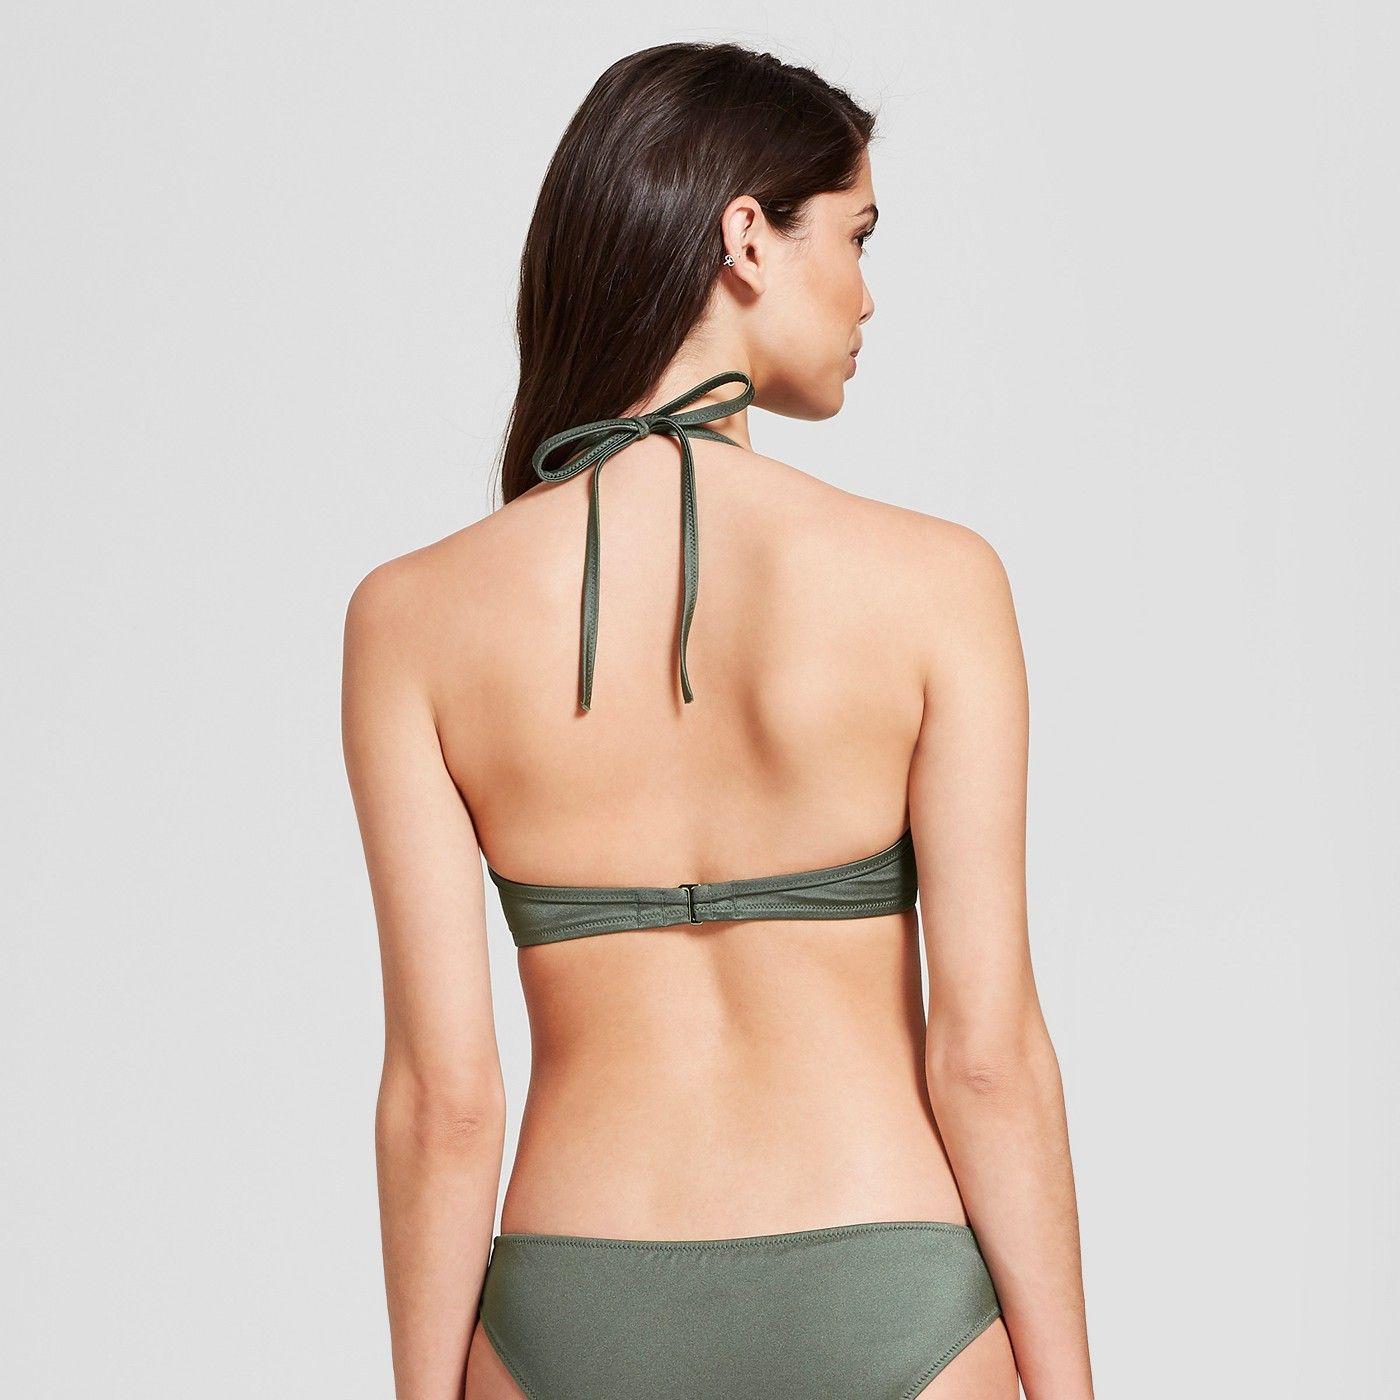 ee039f7d824 Women s Shore Light Lift Bikini Top - Shade